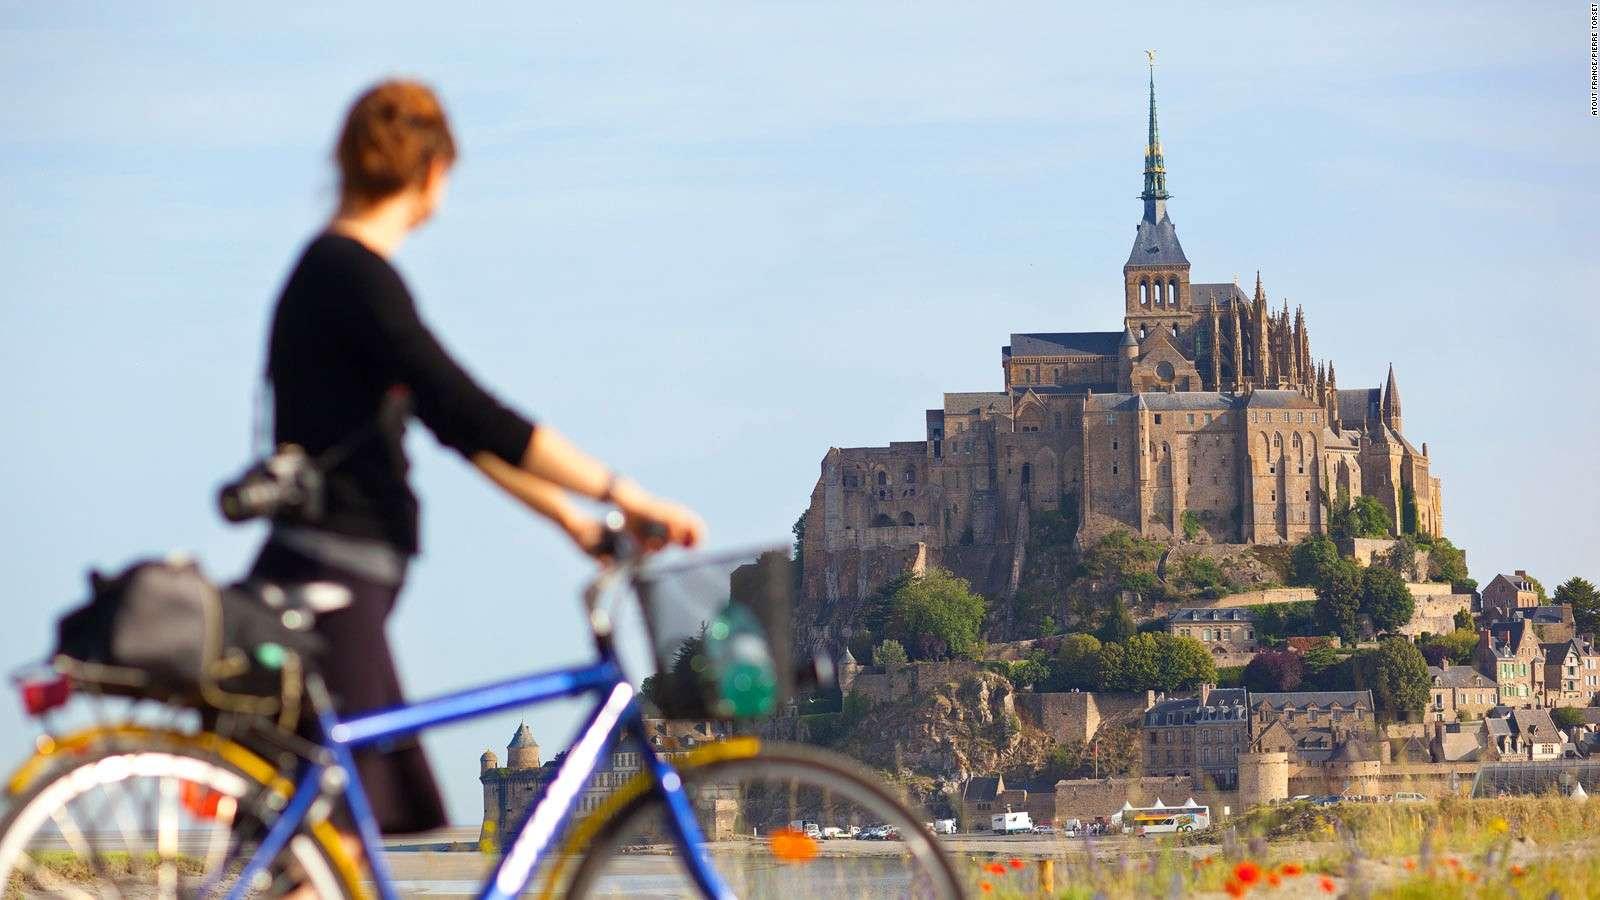 Mont Saint Michel với những tu viện từ thời trung cổ cổ kính và những cửa hàng lưu niệm xinh xắn